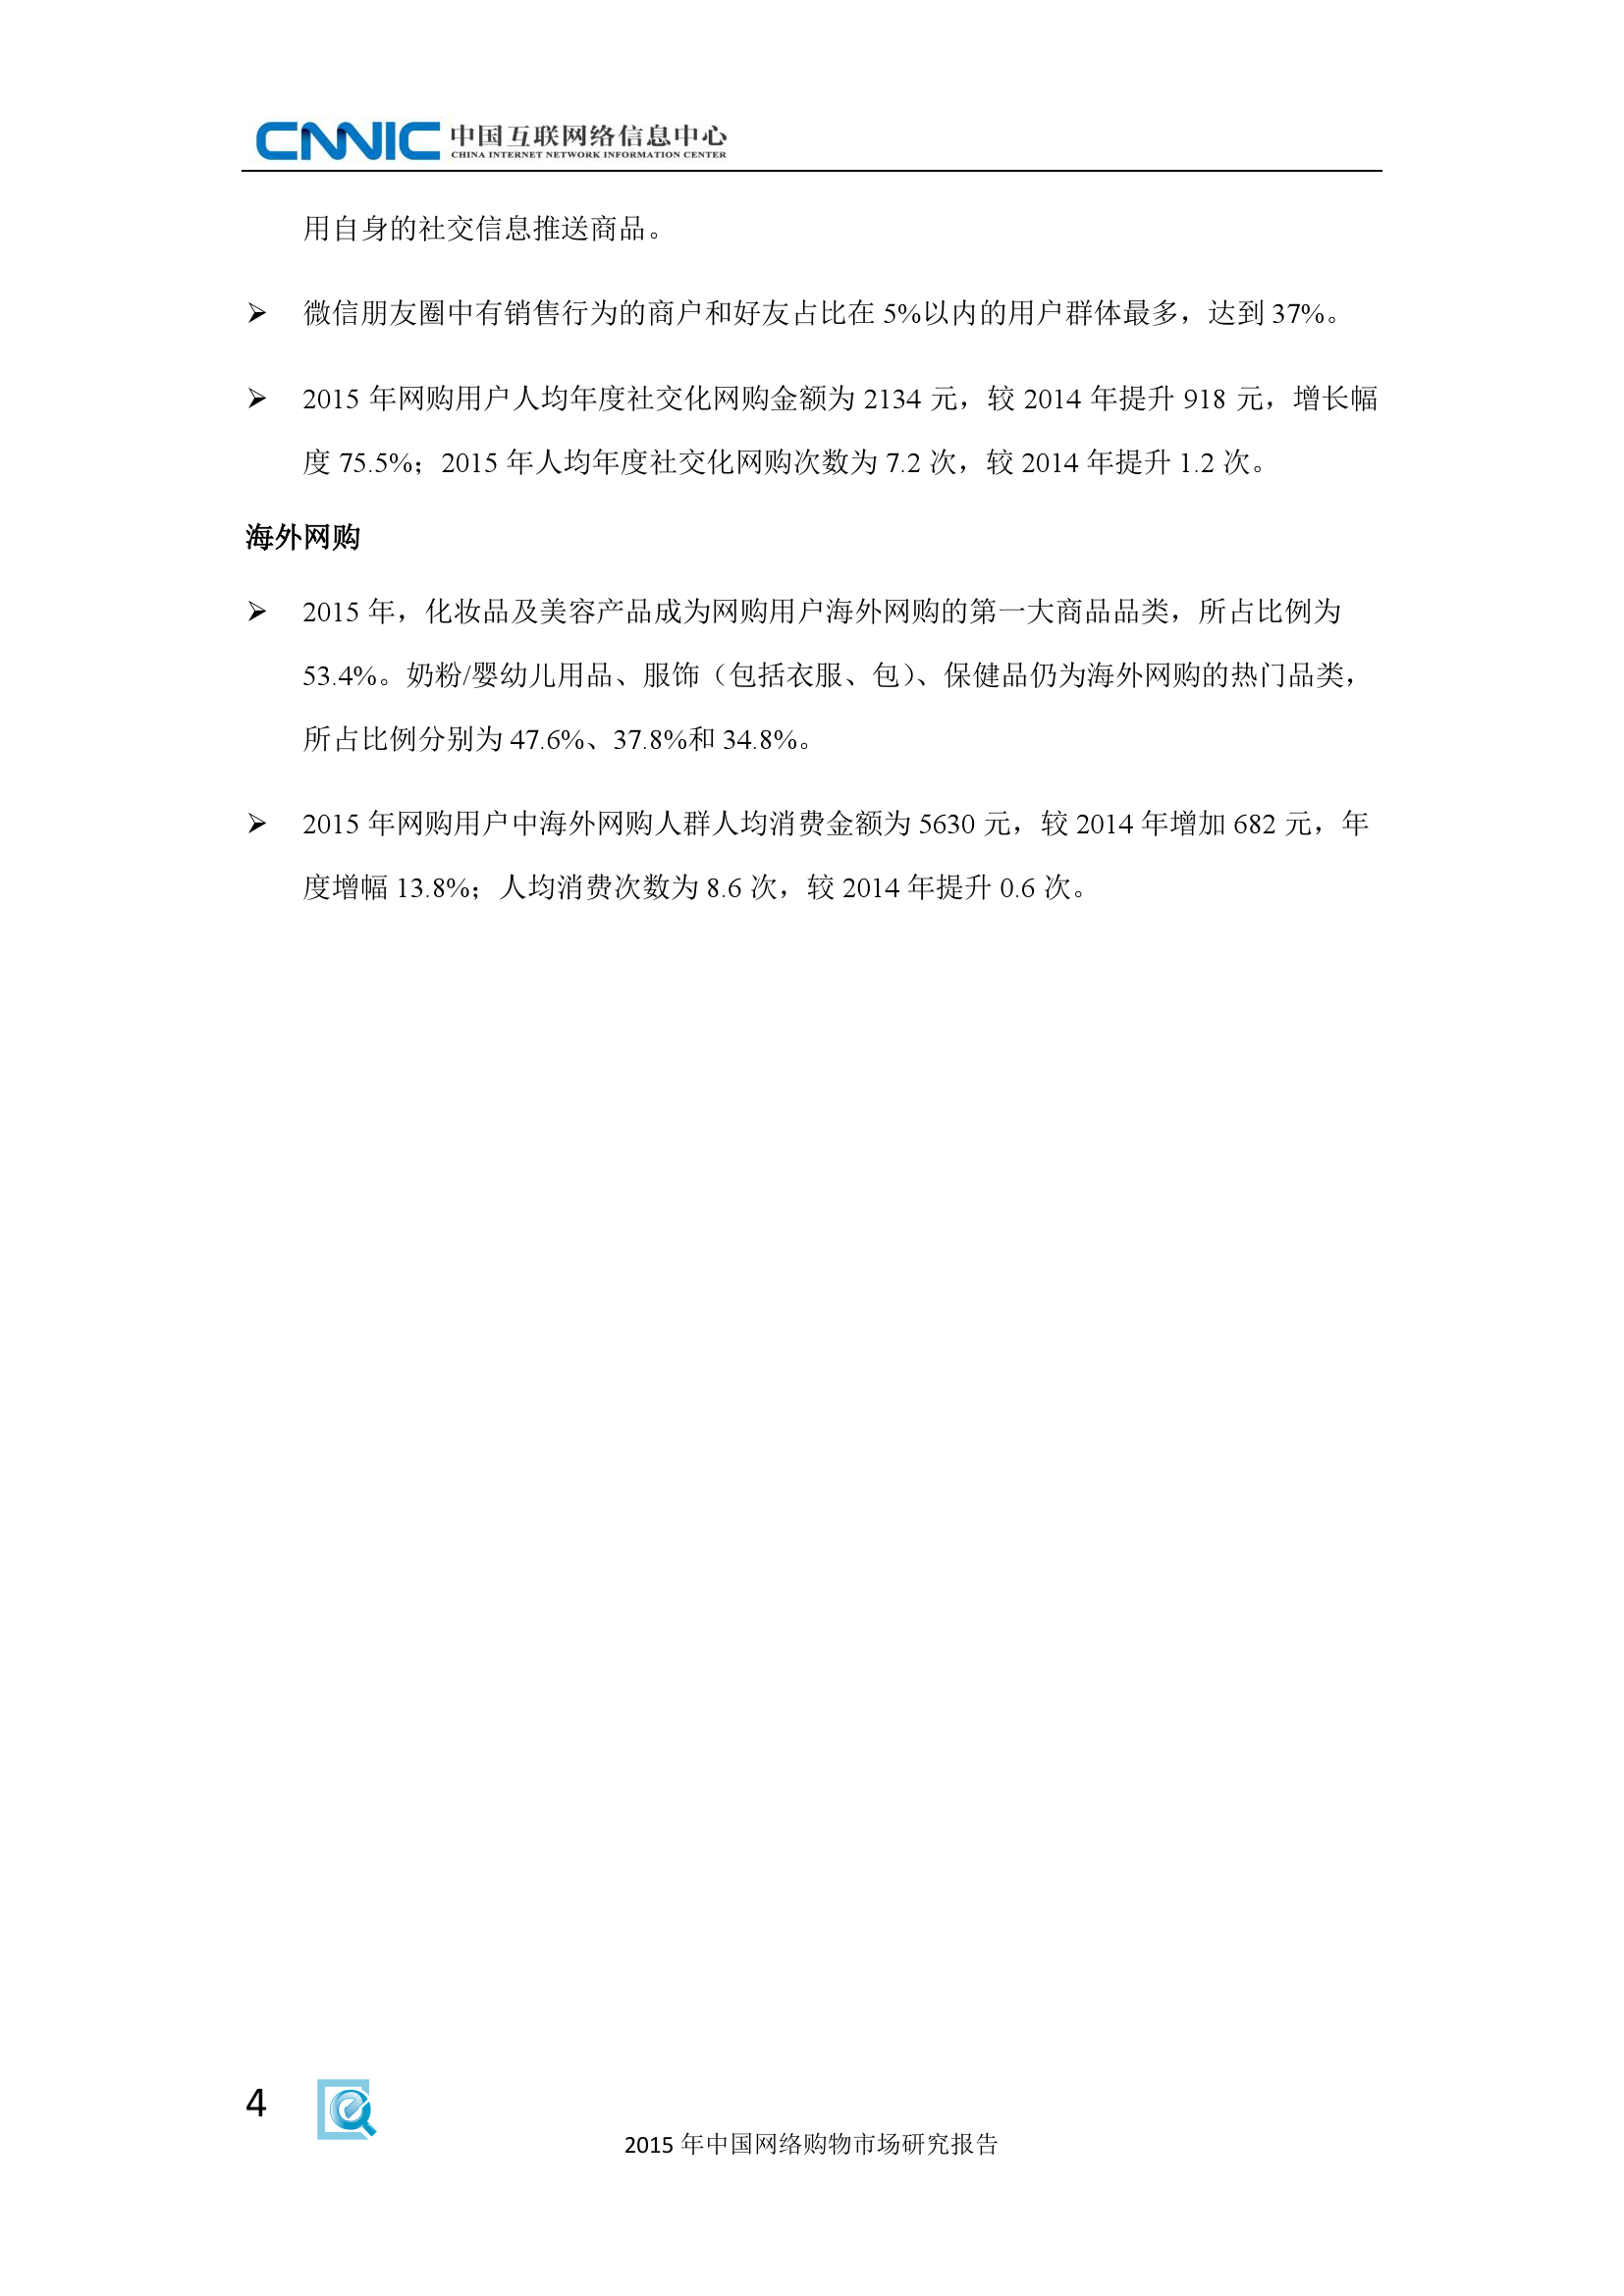 2015年中国网络购物市场研究报告_000012